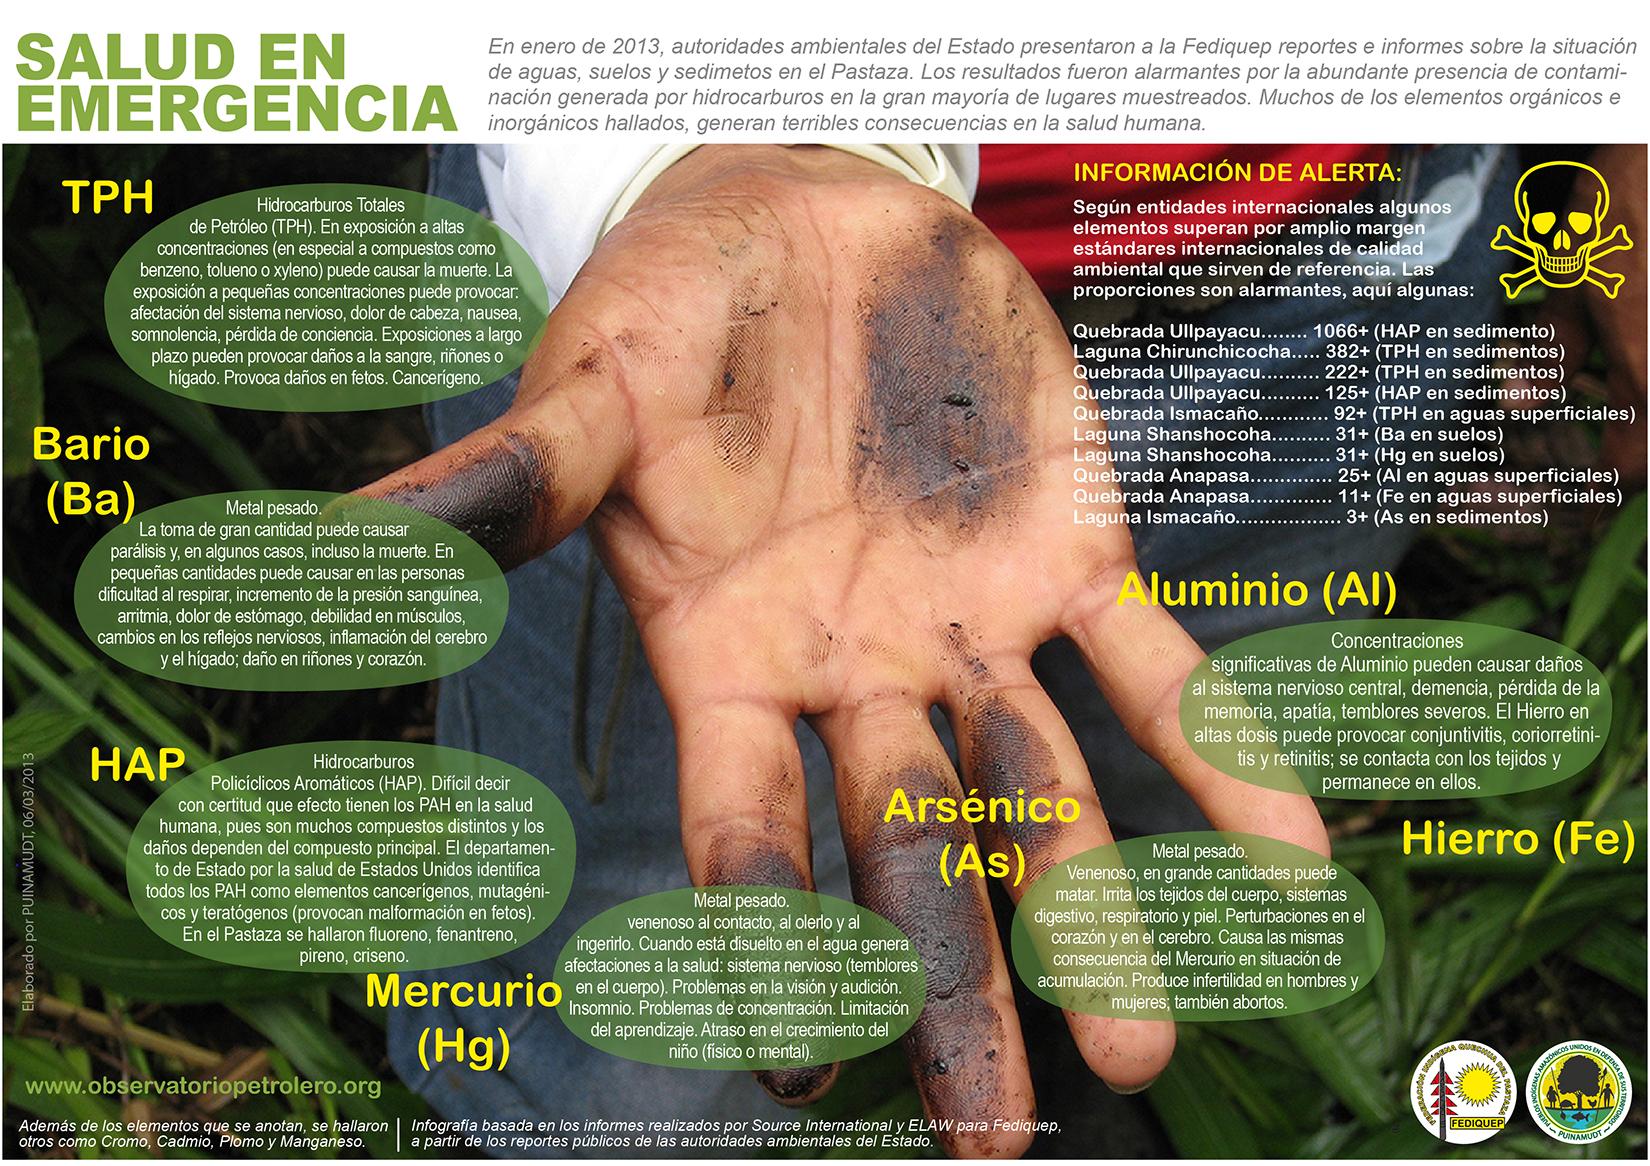 Luego de que las autoridades públicas determinaran la grave situación ambiental en el Pastaza el Estado comprobó lo ya evidente, graves riesgos y peligros a los que estaban expustesos la salud de la población local.